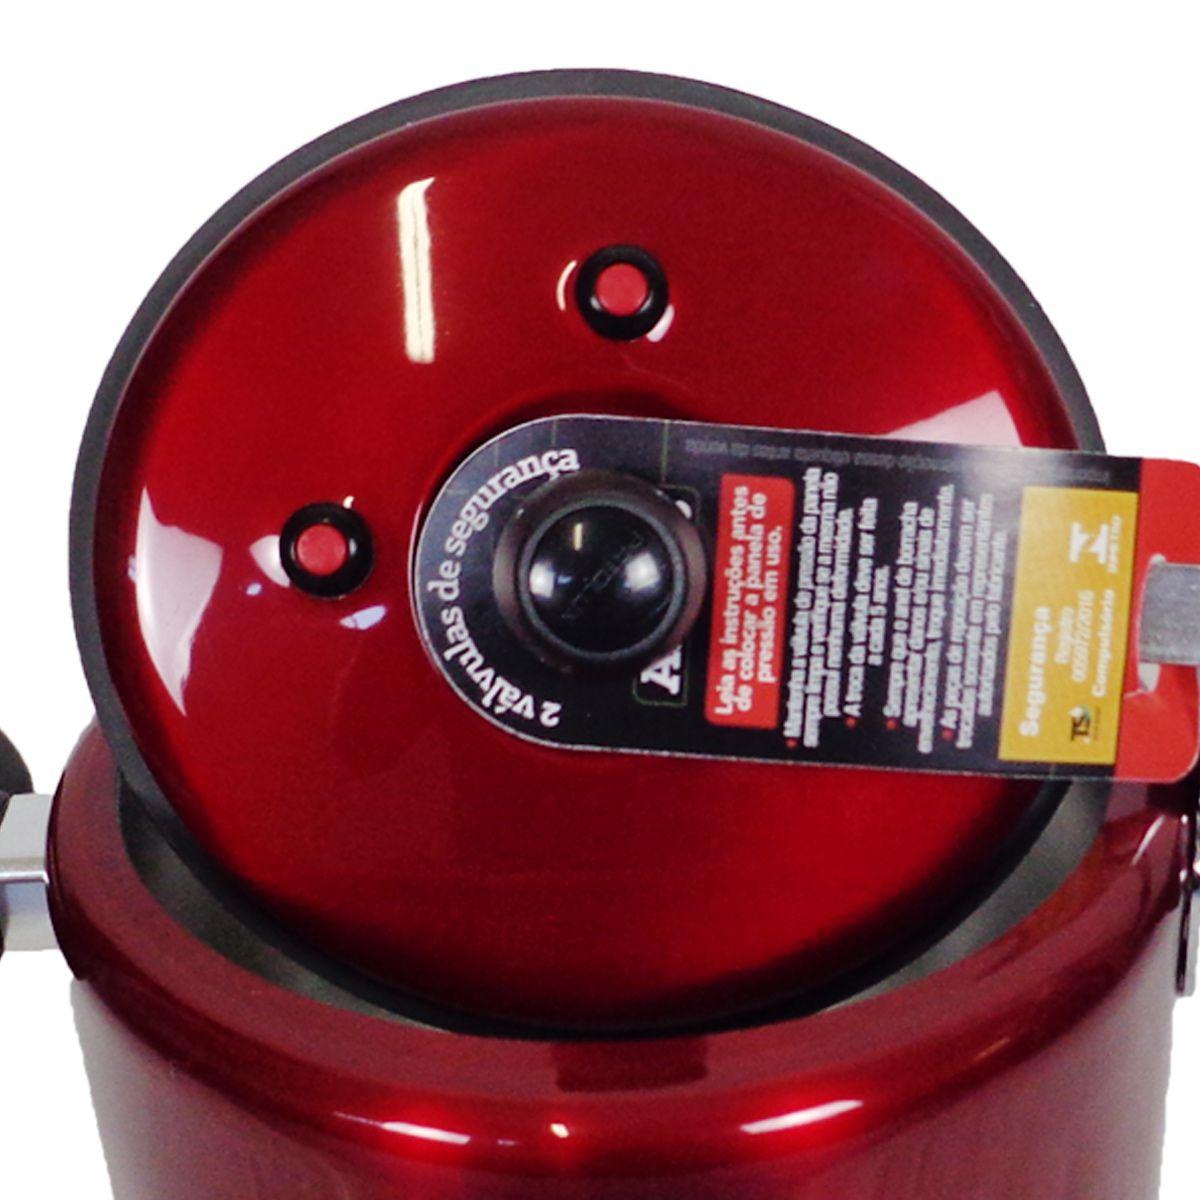 Panela De Pressão Vermelha 5 Litros Reforçada 2 Válvulas segurança Patolux